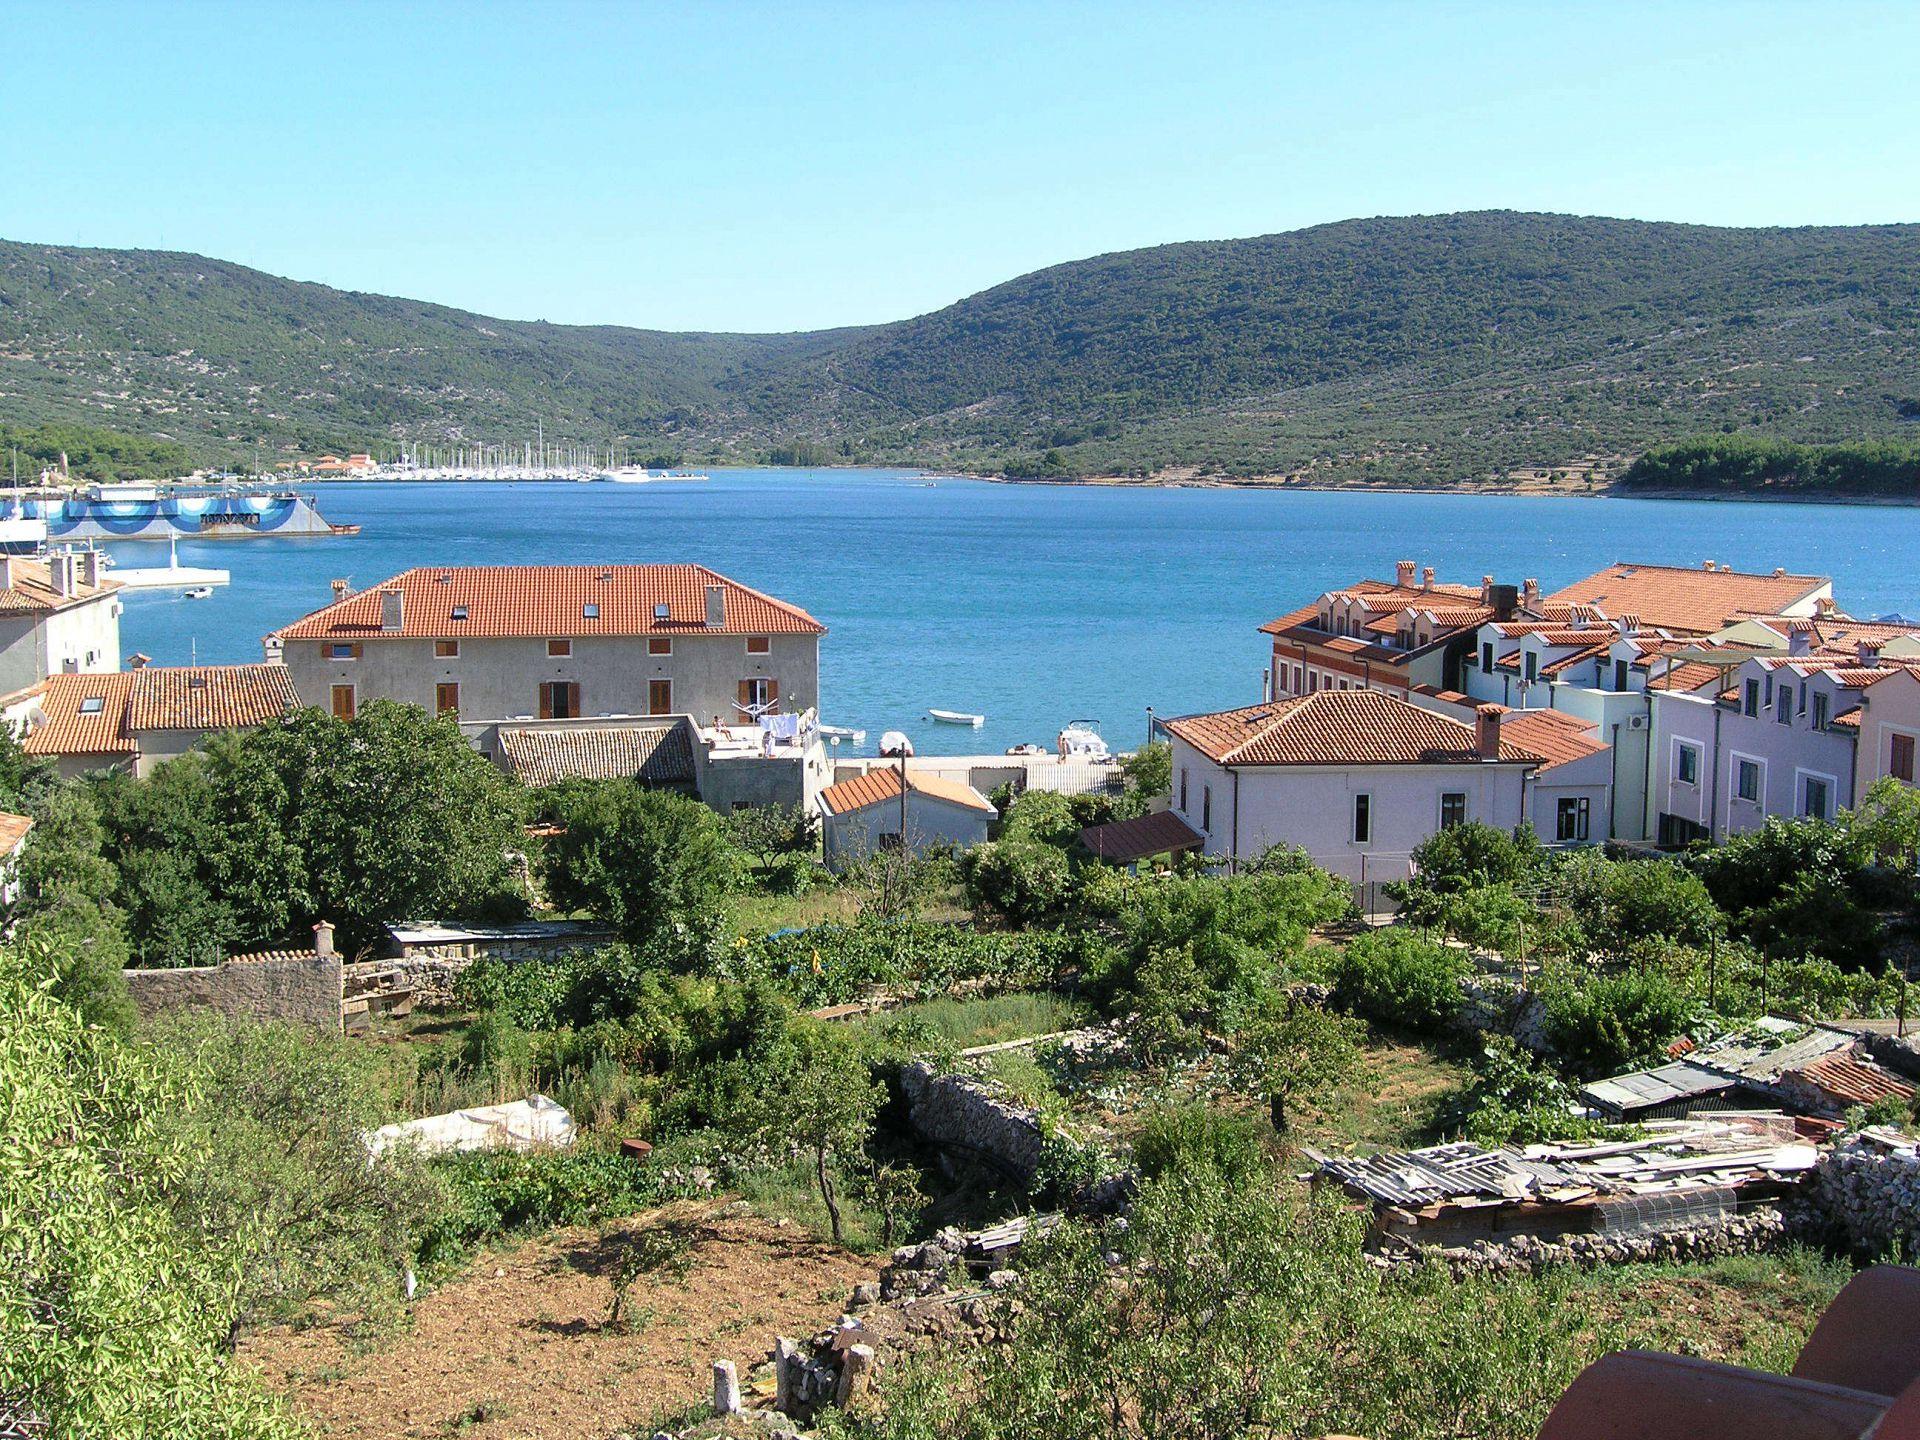 appartamenti mm1 a1 4 2 cres isola di cres